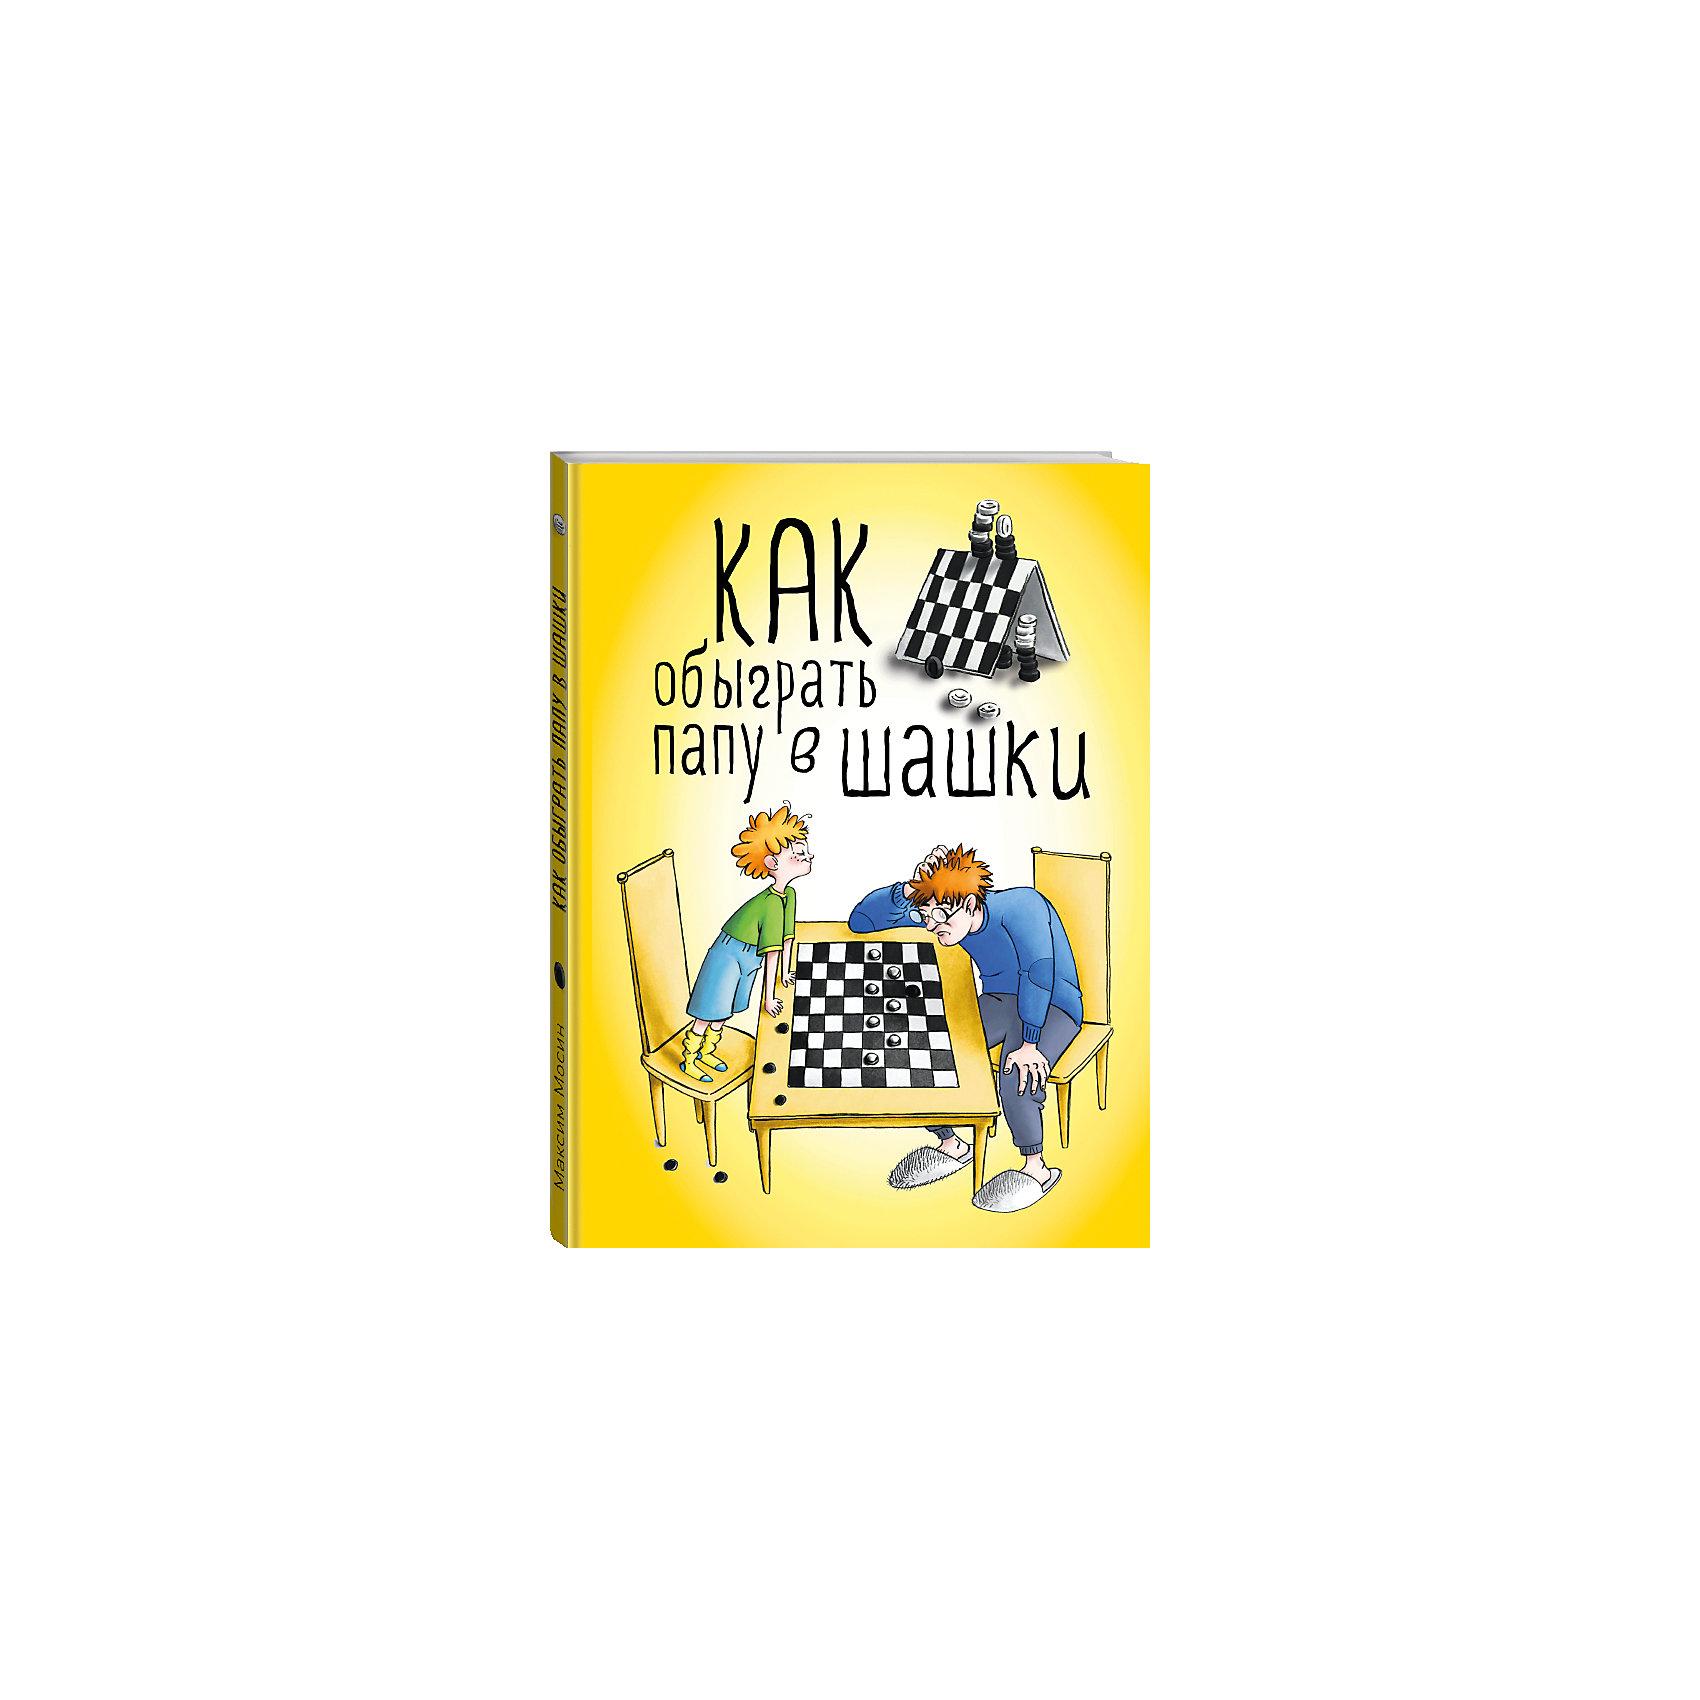 Как обыграть папу в шашкиШашки – это очень веселая игра, настоящее соревнование, в котором очень  приятно побеждать!<br>Эта игра – идеальный выбор для семейного досуга, потому что она развивает интеллект вашего ребенка, а также концентрацию, умение  просчитывать свои действия на несколько шагов вперед, учит принимать поражение и радоваться победе.<br>Книга написана как сказка с добрыми и веселыми персонажами, учиться по ней невероятно увлекательно – ребенка (а также его родителей) ждут настоящие приключения в стране шашек! <br>Знакомьтесь с правилами, решайте вместе задачки, следуйте за главными героями – и настоящие шашечные битвы в семейном кругу ждут вас!<br><br>Дополнительная информация:<br><br>- год выпуска: 2015<br>- количество страниц:64<br>- формат: 29 * 20.5* 7 см.<br>- переплет: твердый переплет<br>- вес: 612 гр.<br>- возраст: от  6 до 14  лет<br><br>Книгу  Как обыграть папу в шашки можно купить в нашем интернет - магазине.<br><br>Ширина мм: 280<br>Глубина мм: 210<br>Высота мм: 12<br>Вес г: 624<br>Возраст от месяцев: 36<br>Возраст до месяцев: 72<br>Пол: Унисекс<br>Возраст: Детский<br>SKU: 4753488